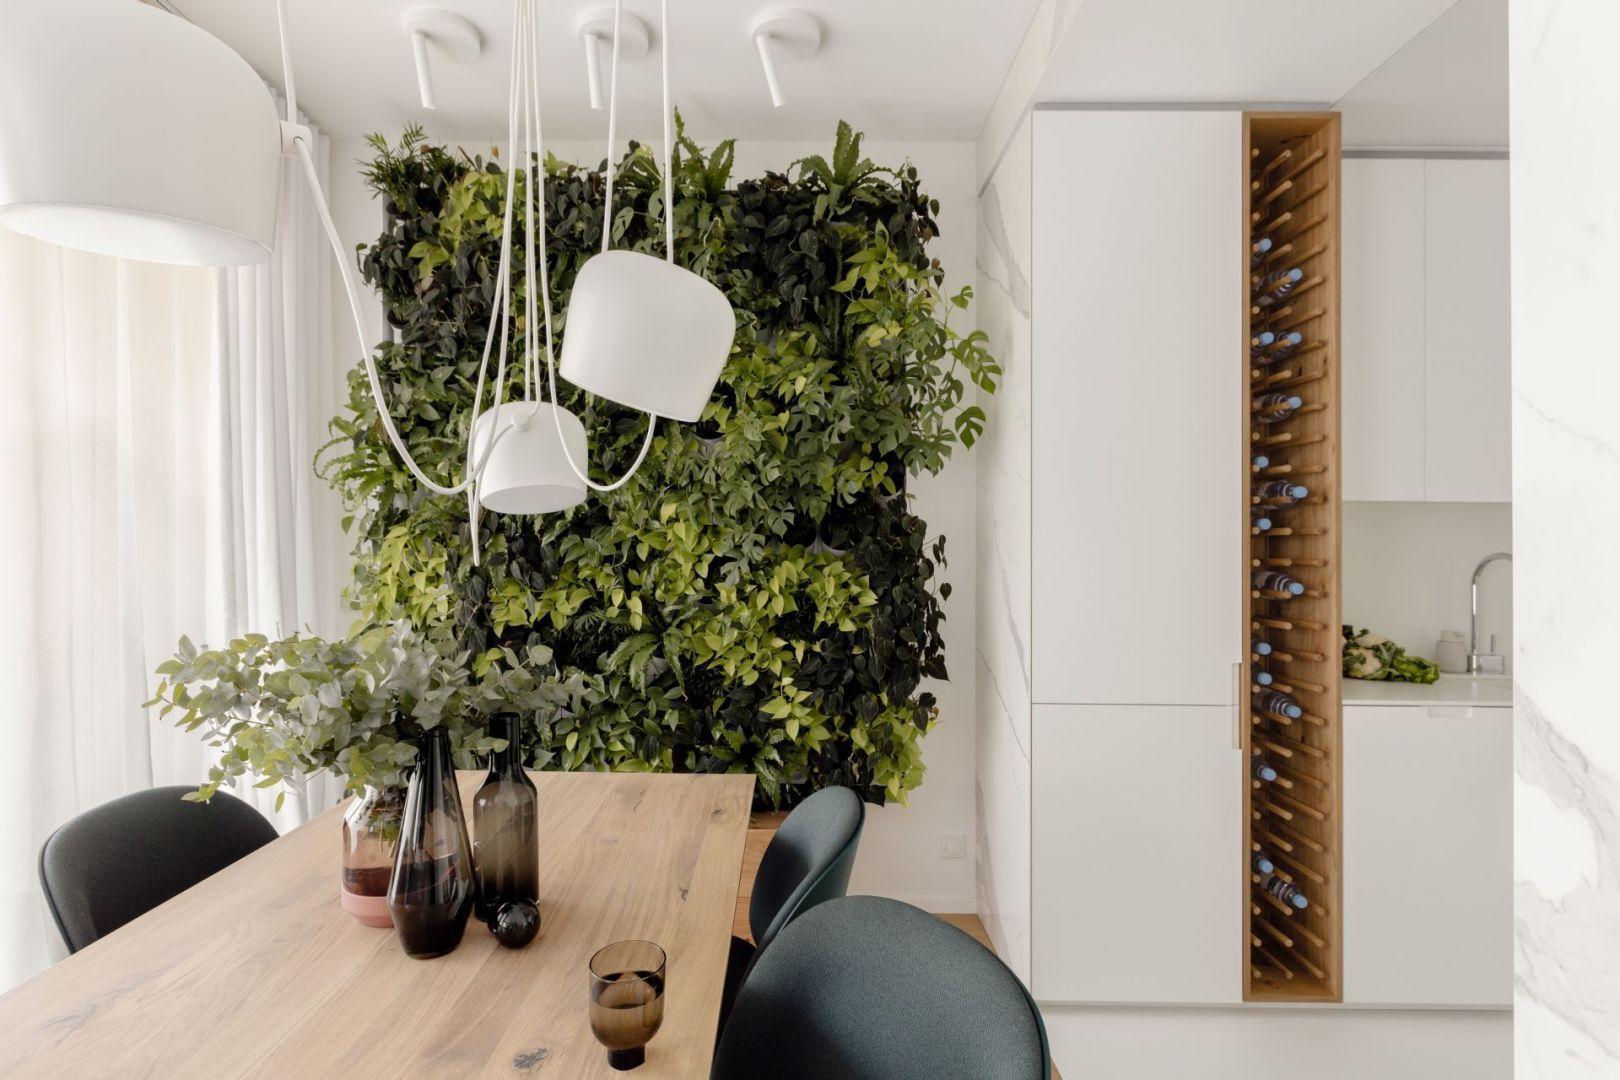 Zielona ściana - świetny pomysł na wnętrze eko. Projekt: Kamila Szamot, pracownia LIM. Zdjęcia: Aleksandra Dermot